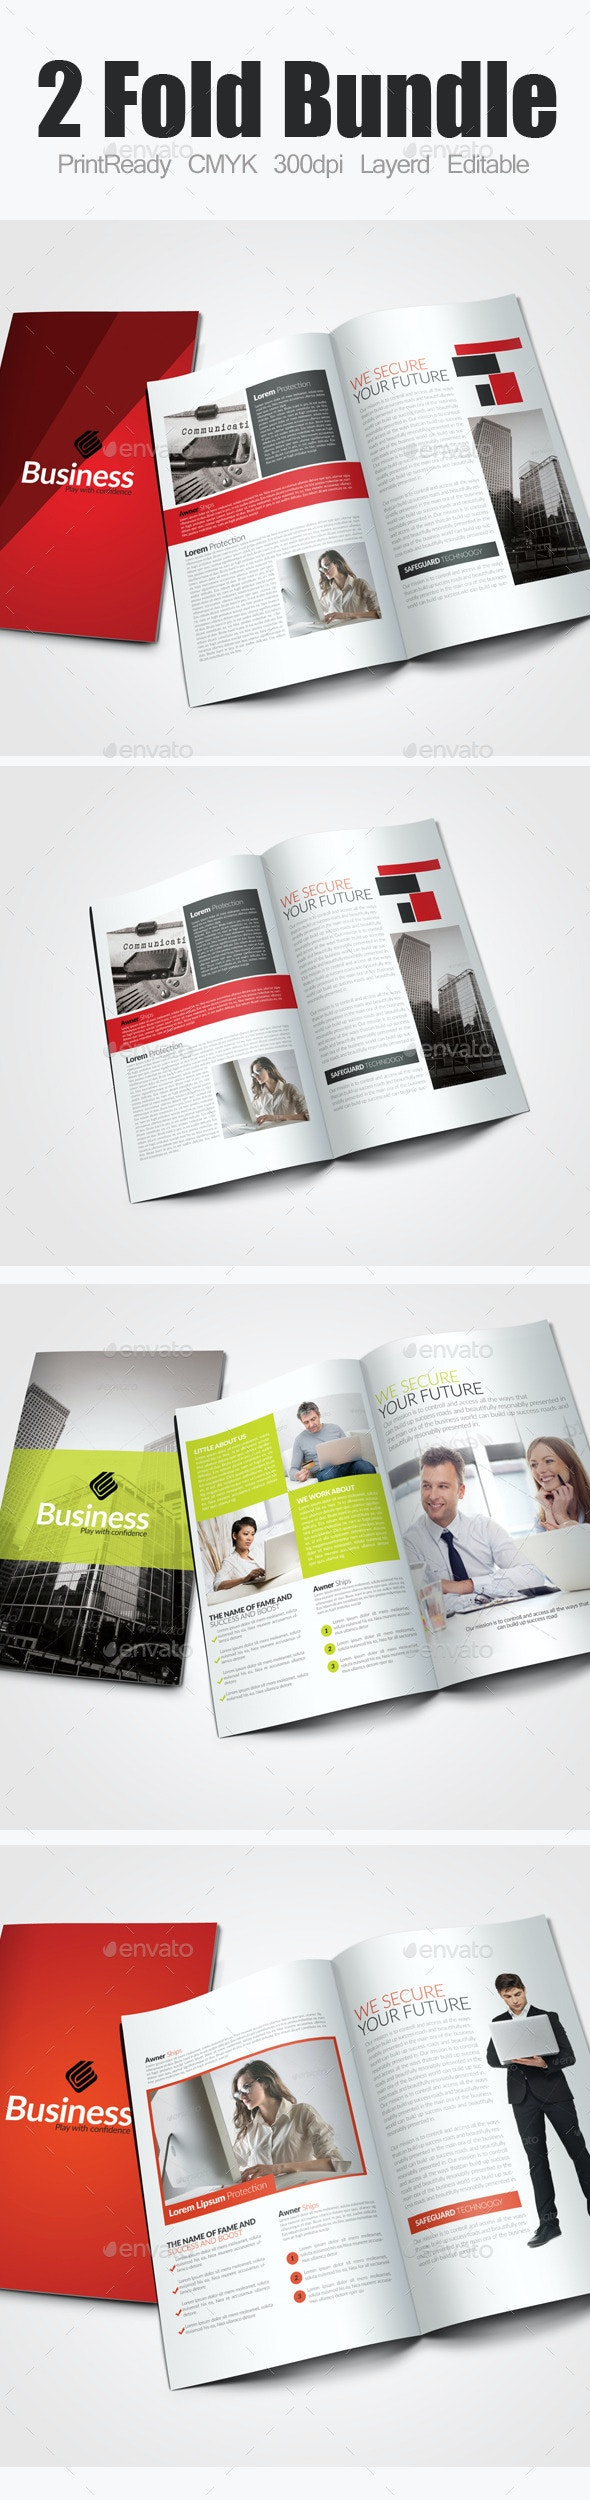 Bi Fold Business Bundle - Corporate Brochures